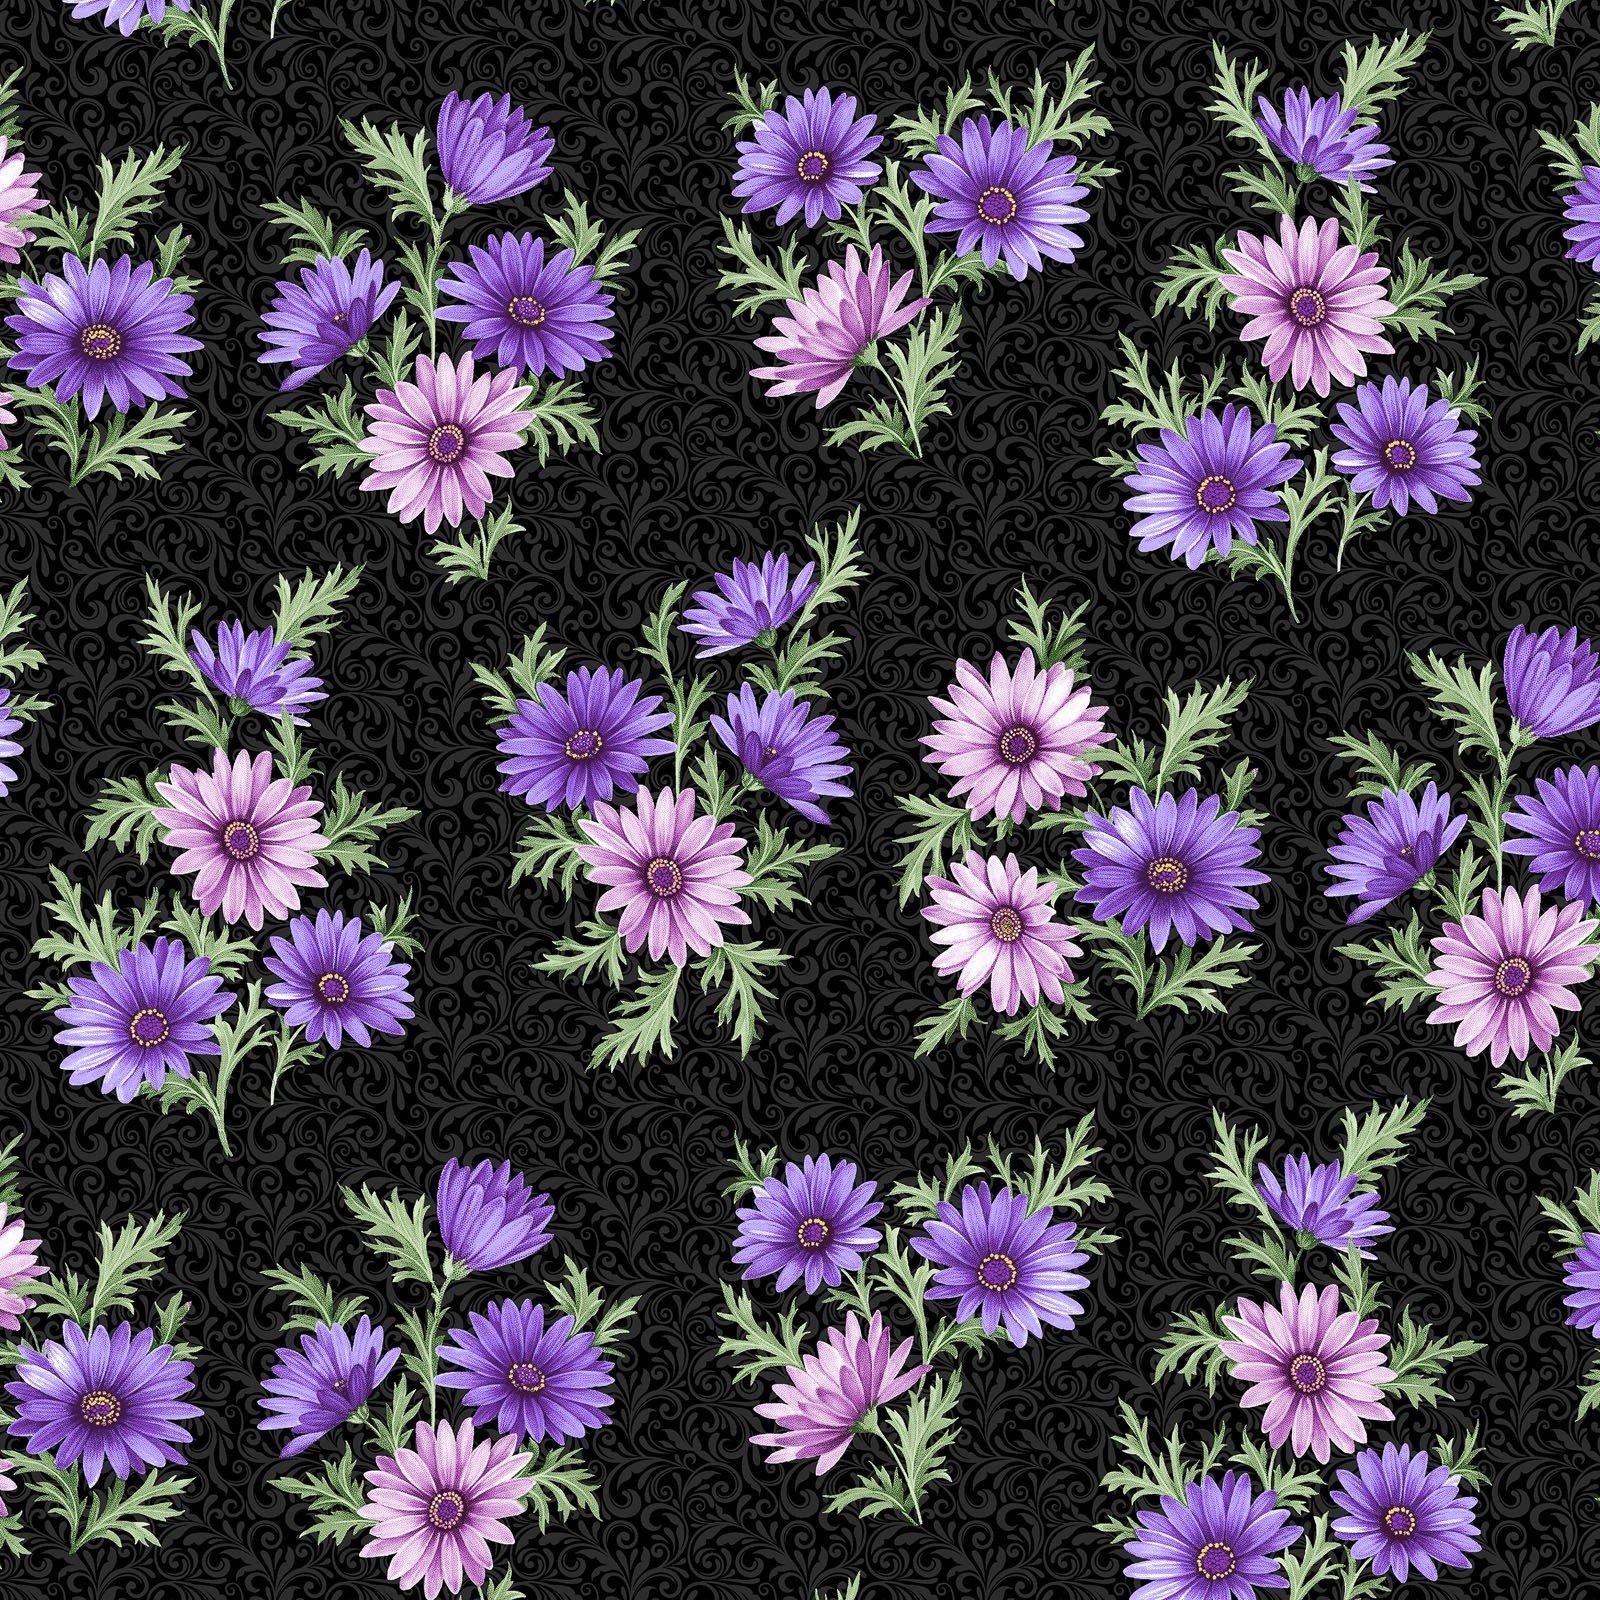 Miss Marguerite Black Bouquet - Pearlescent Floral